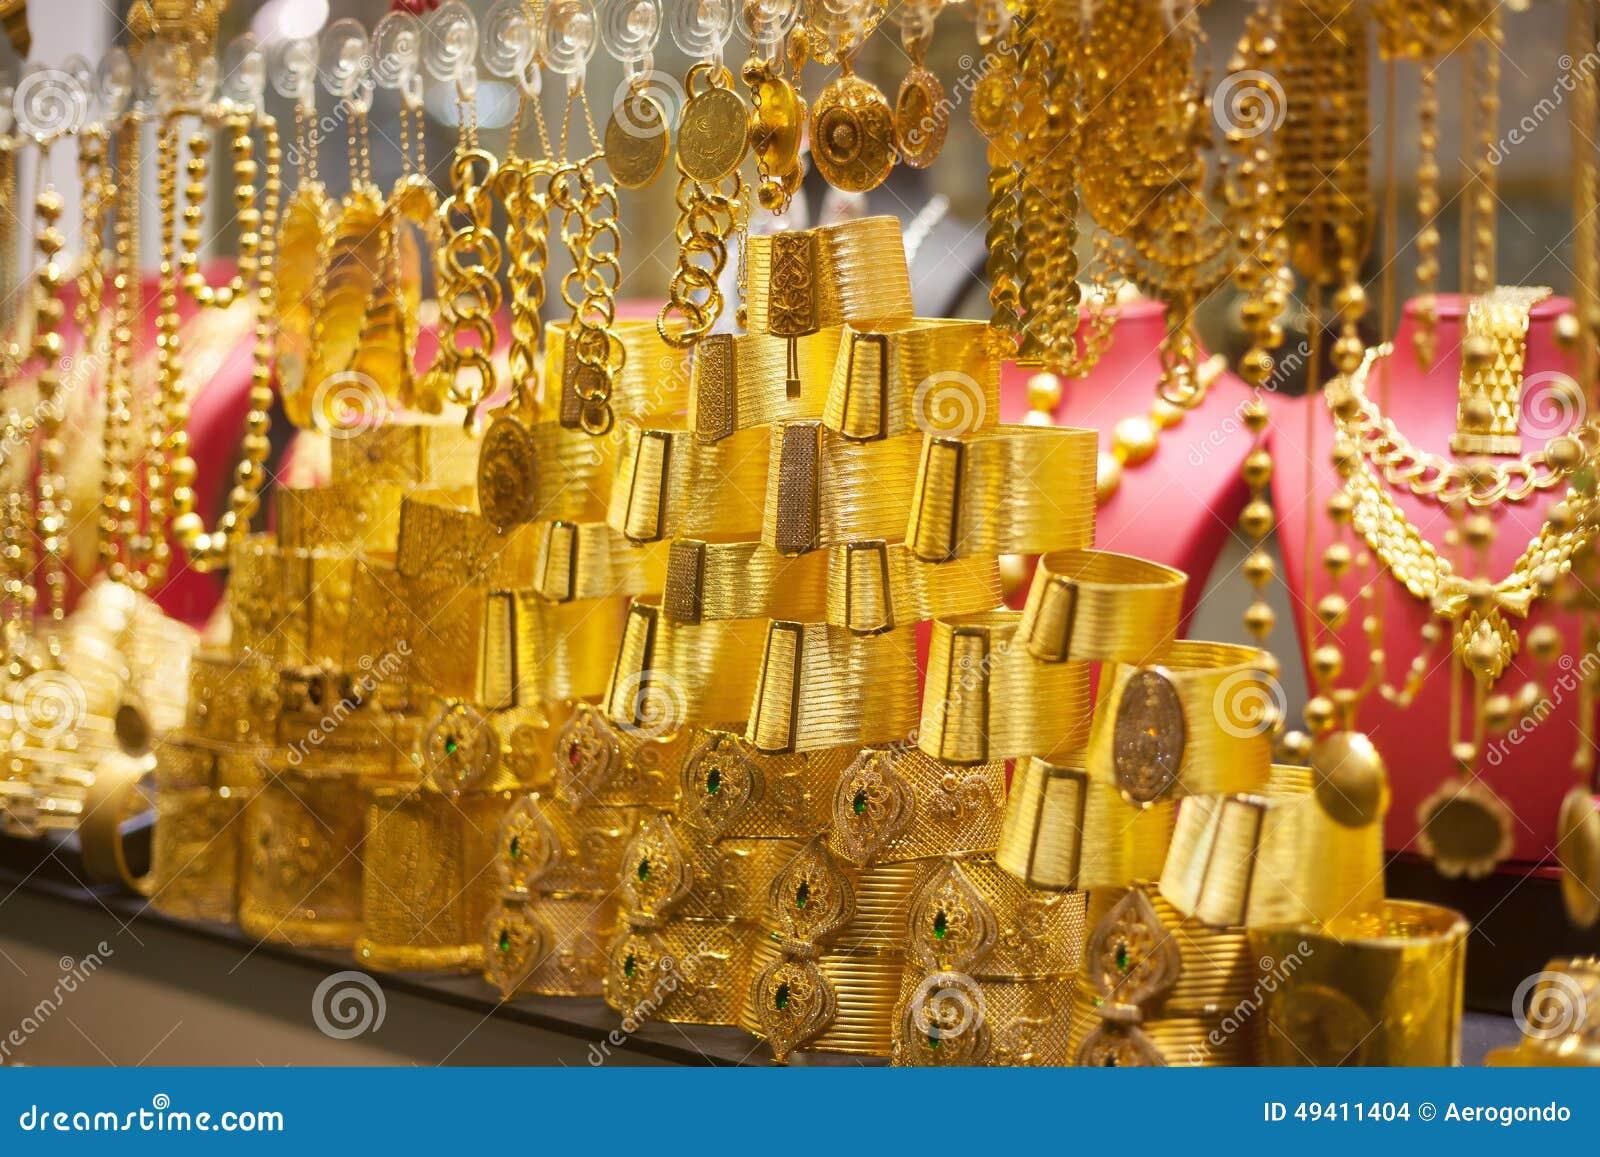 Download Goldmarktstand stockfoto. Bild von sonderkommando, hell - 49411404